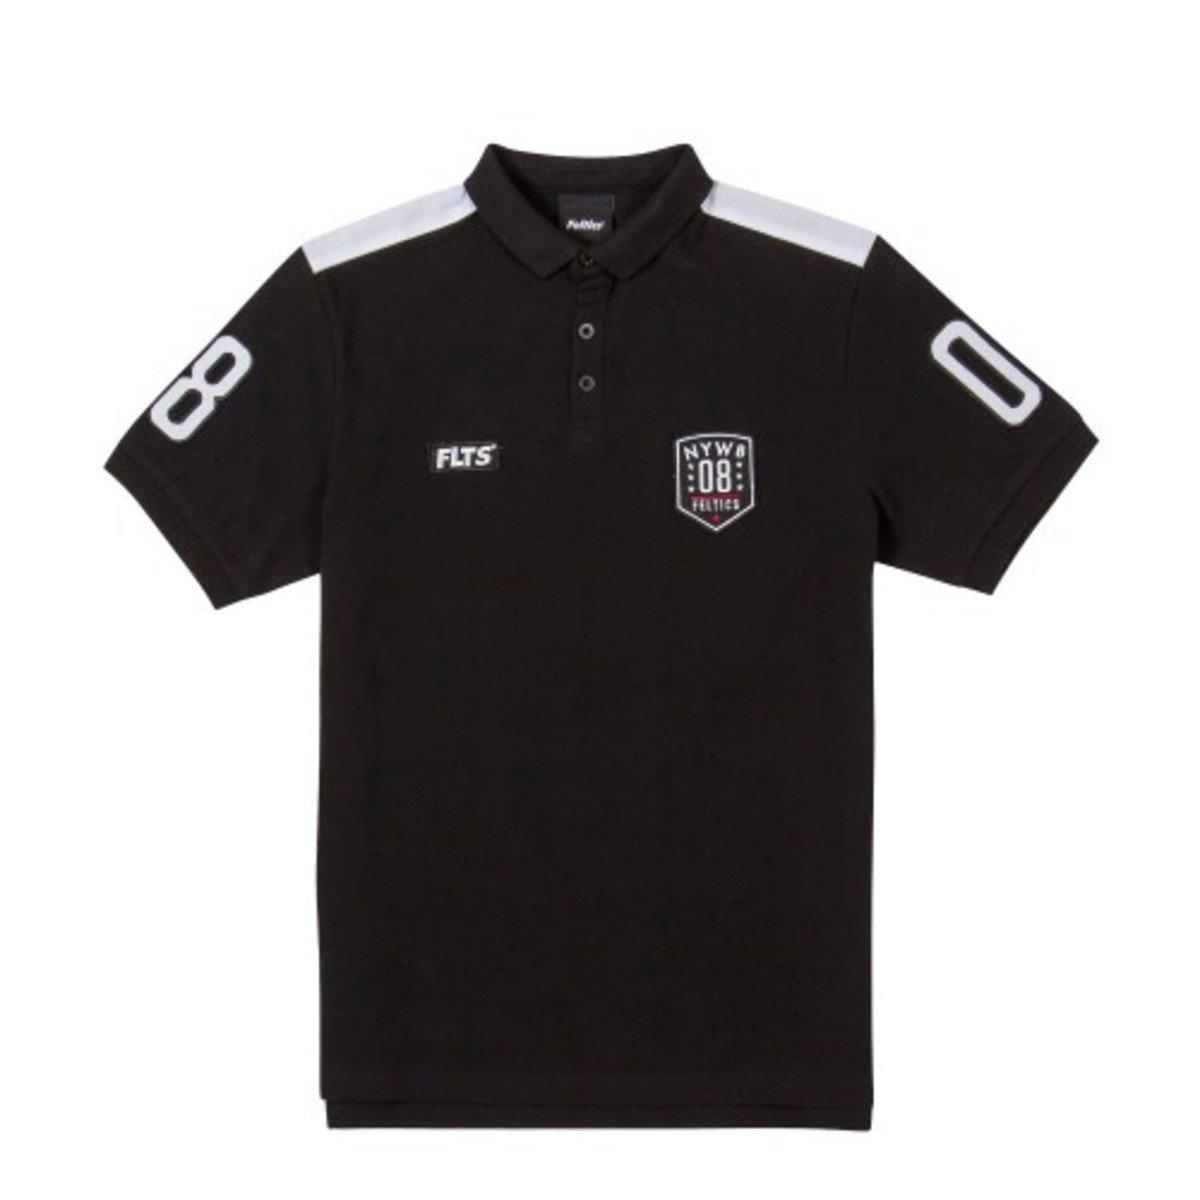 NYWB 08反領款短袖T恤